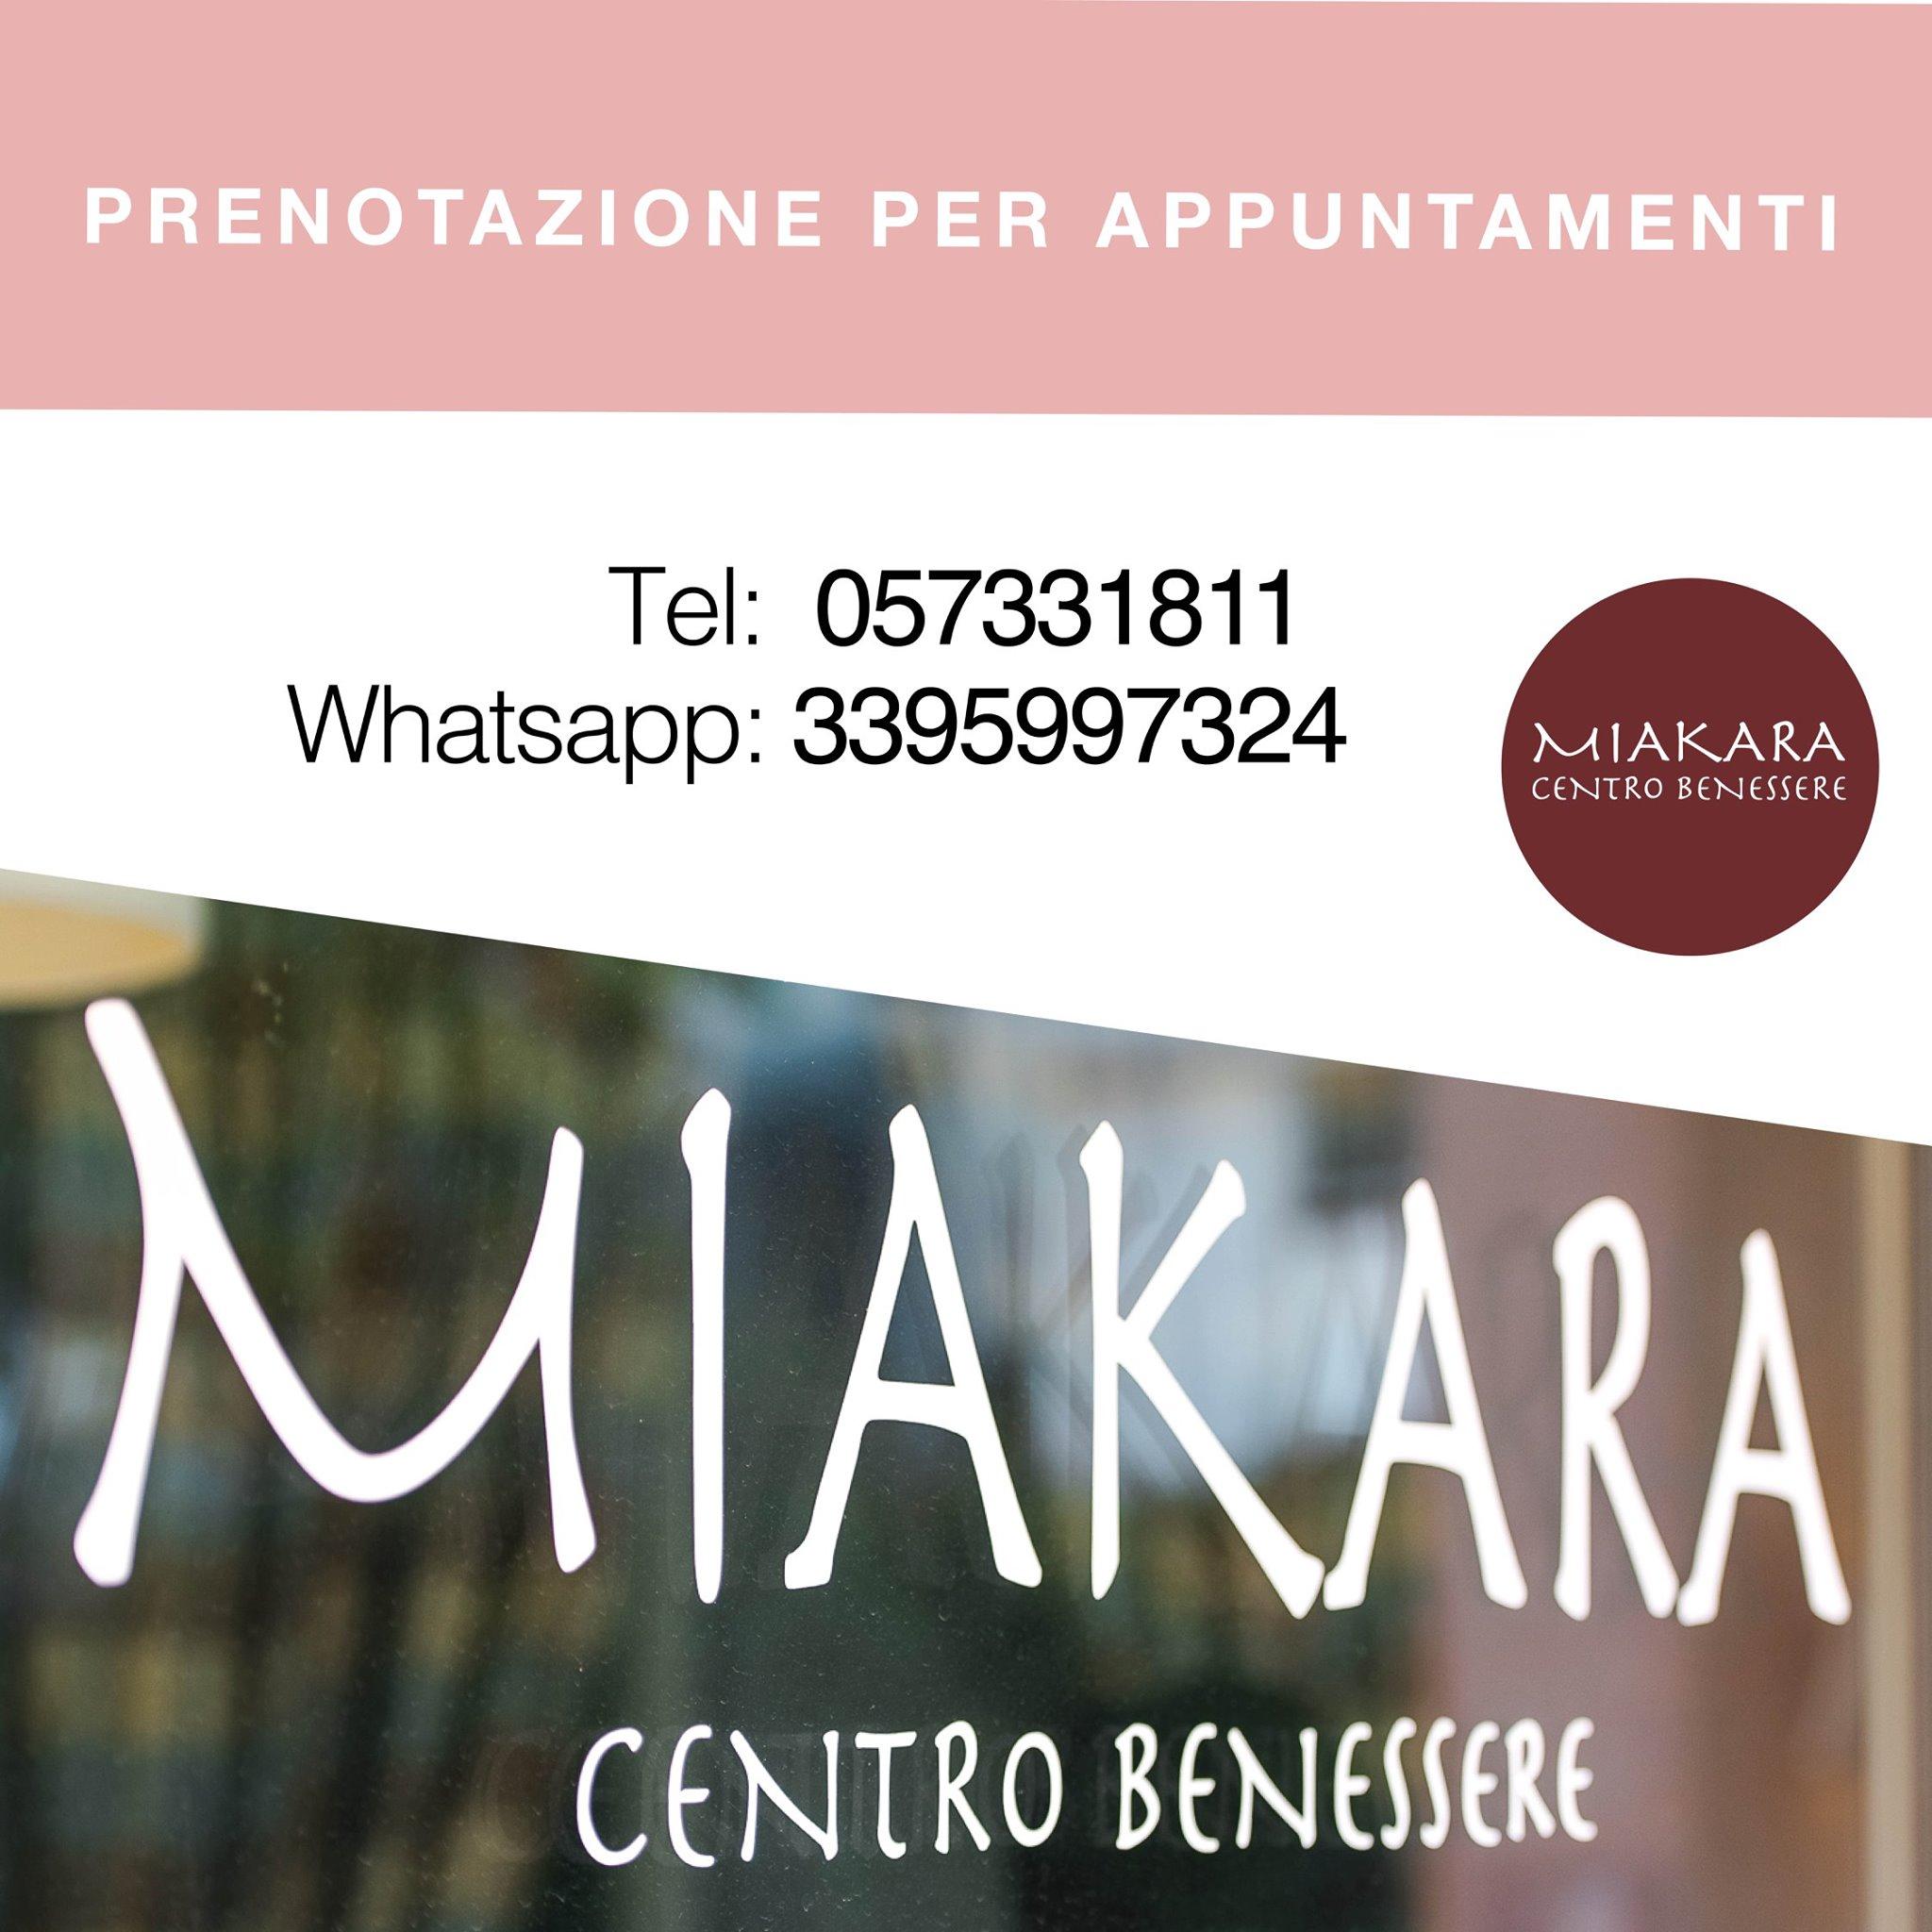 Miakara